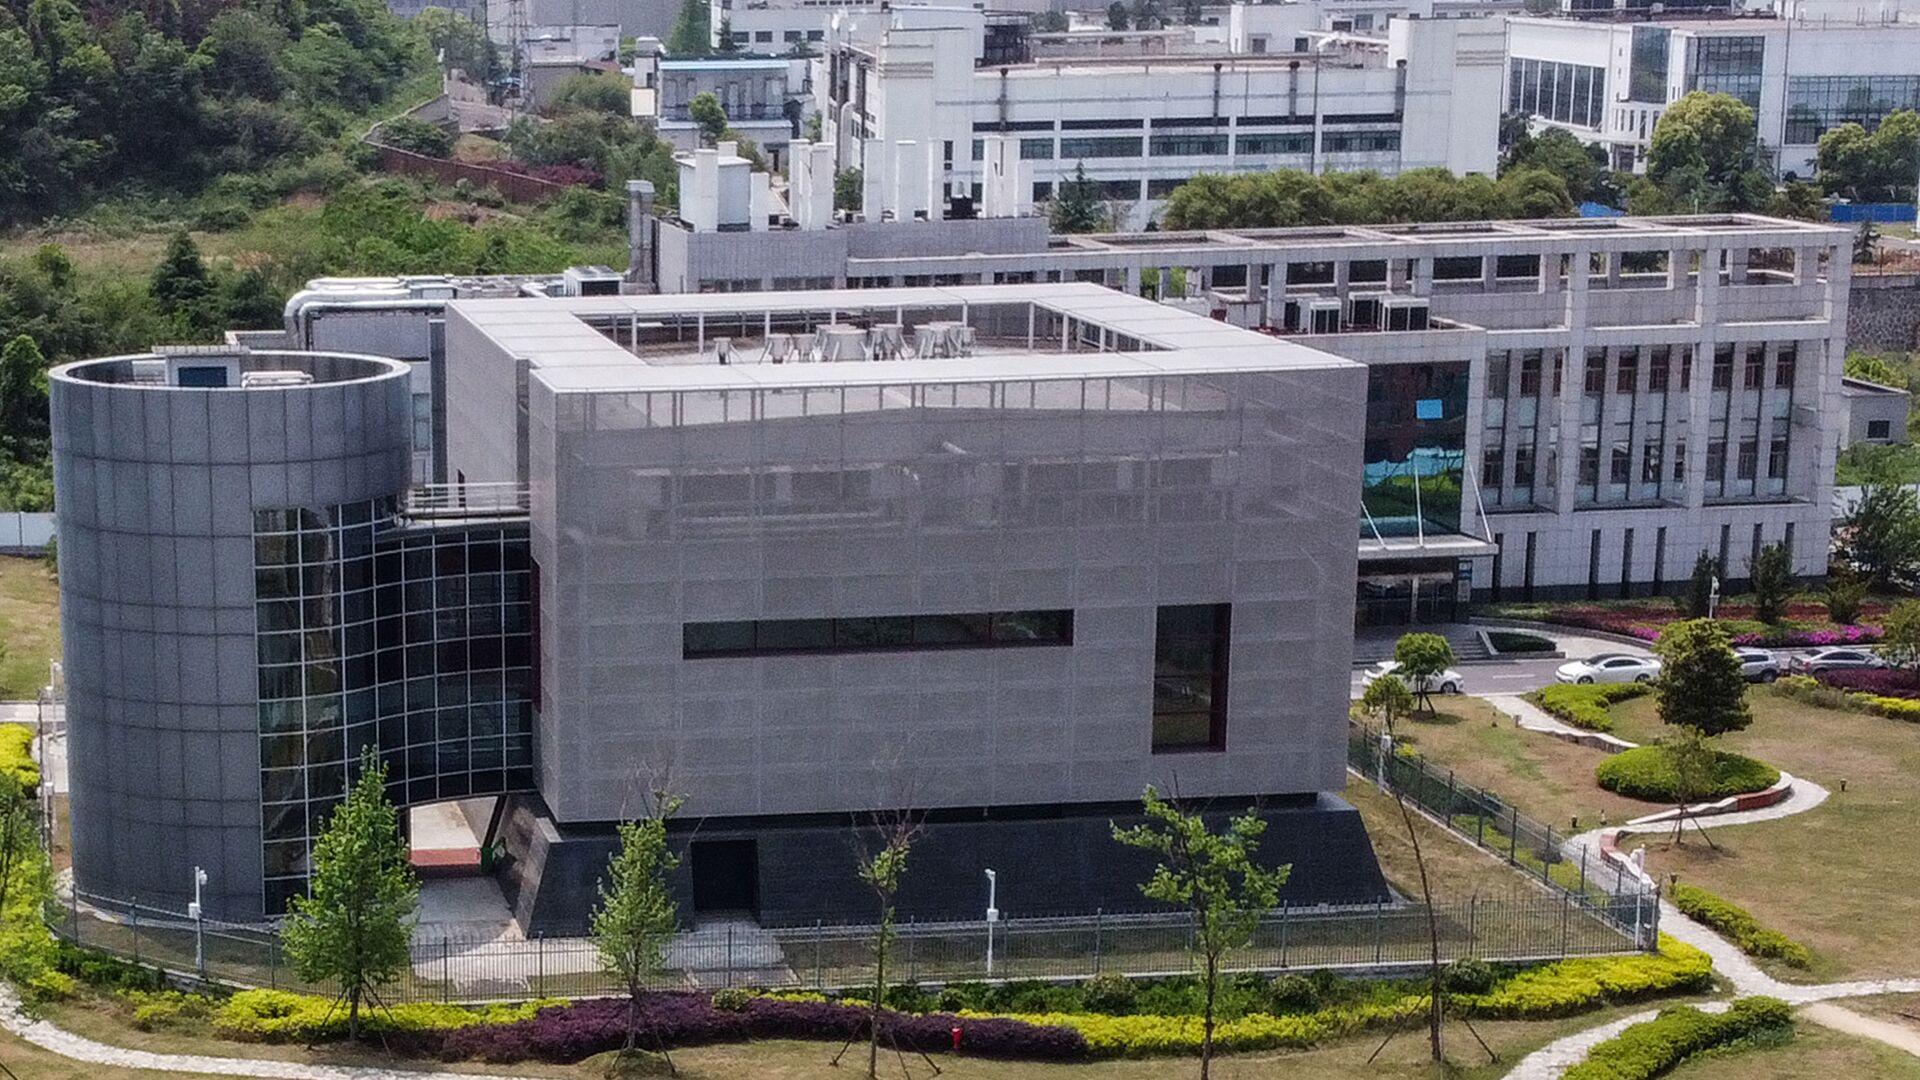 Laboratorio P4 dell'Istituto di Virologia di Wuhan - Sputnik Italia, 1920, 15.06.2021